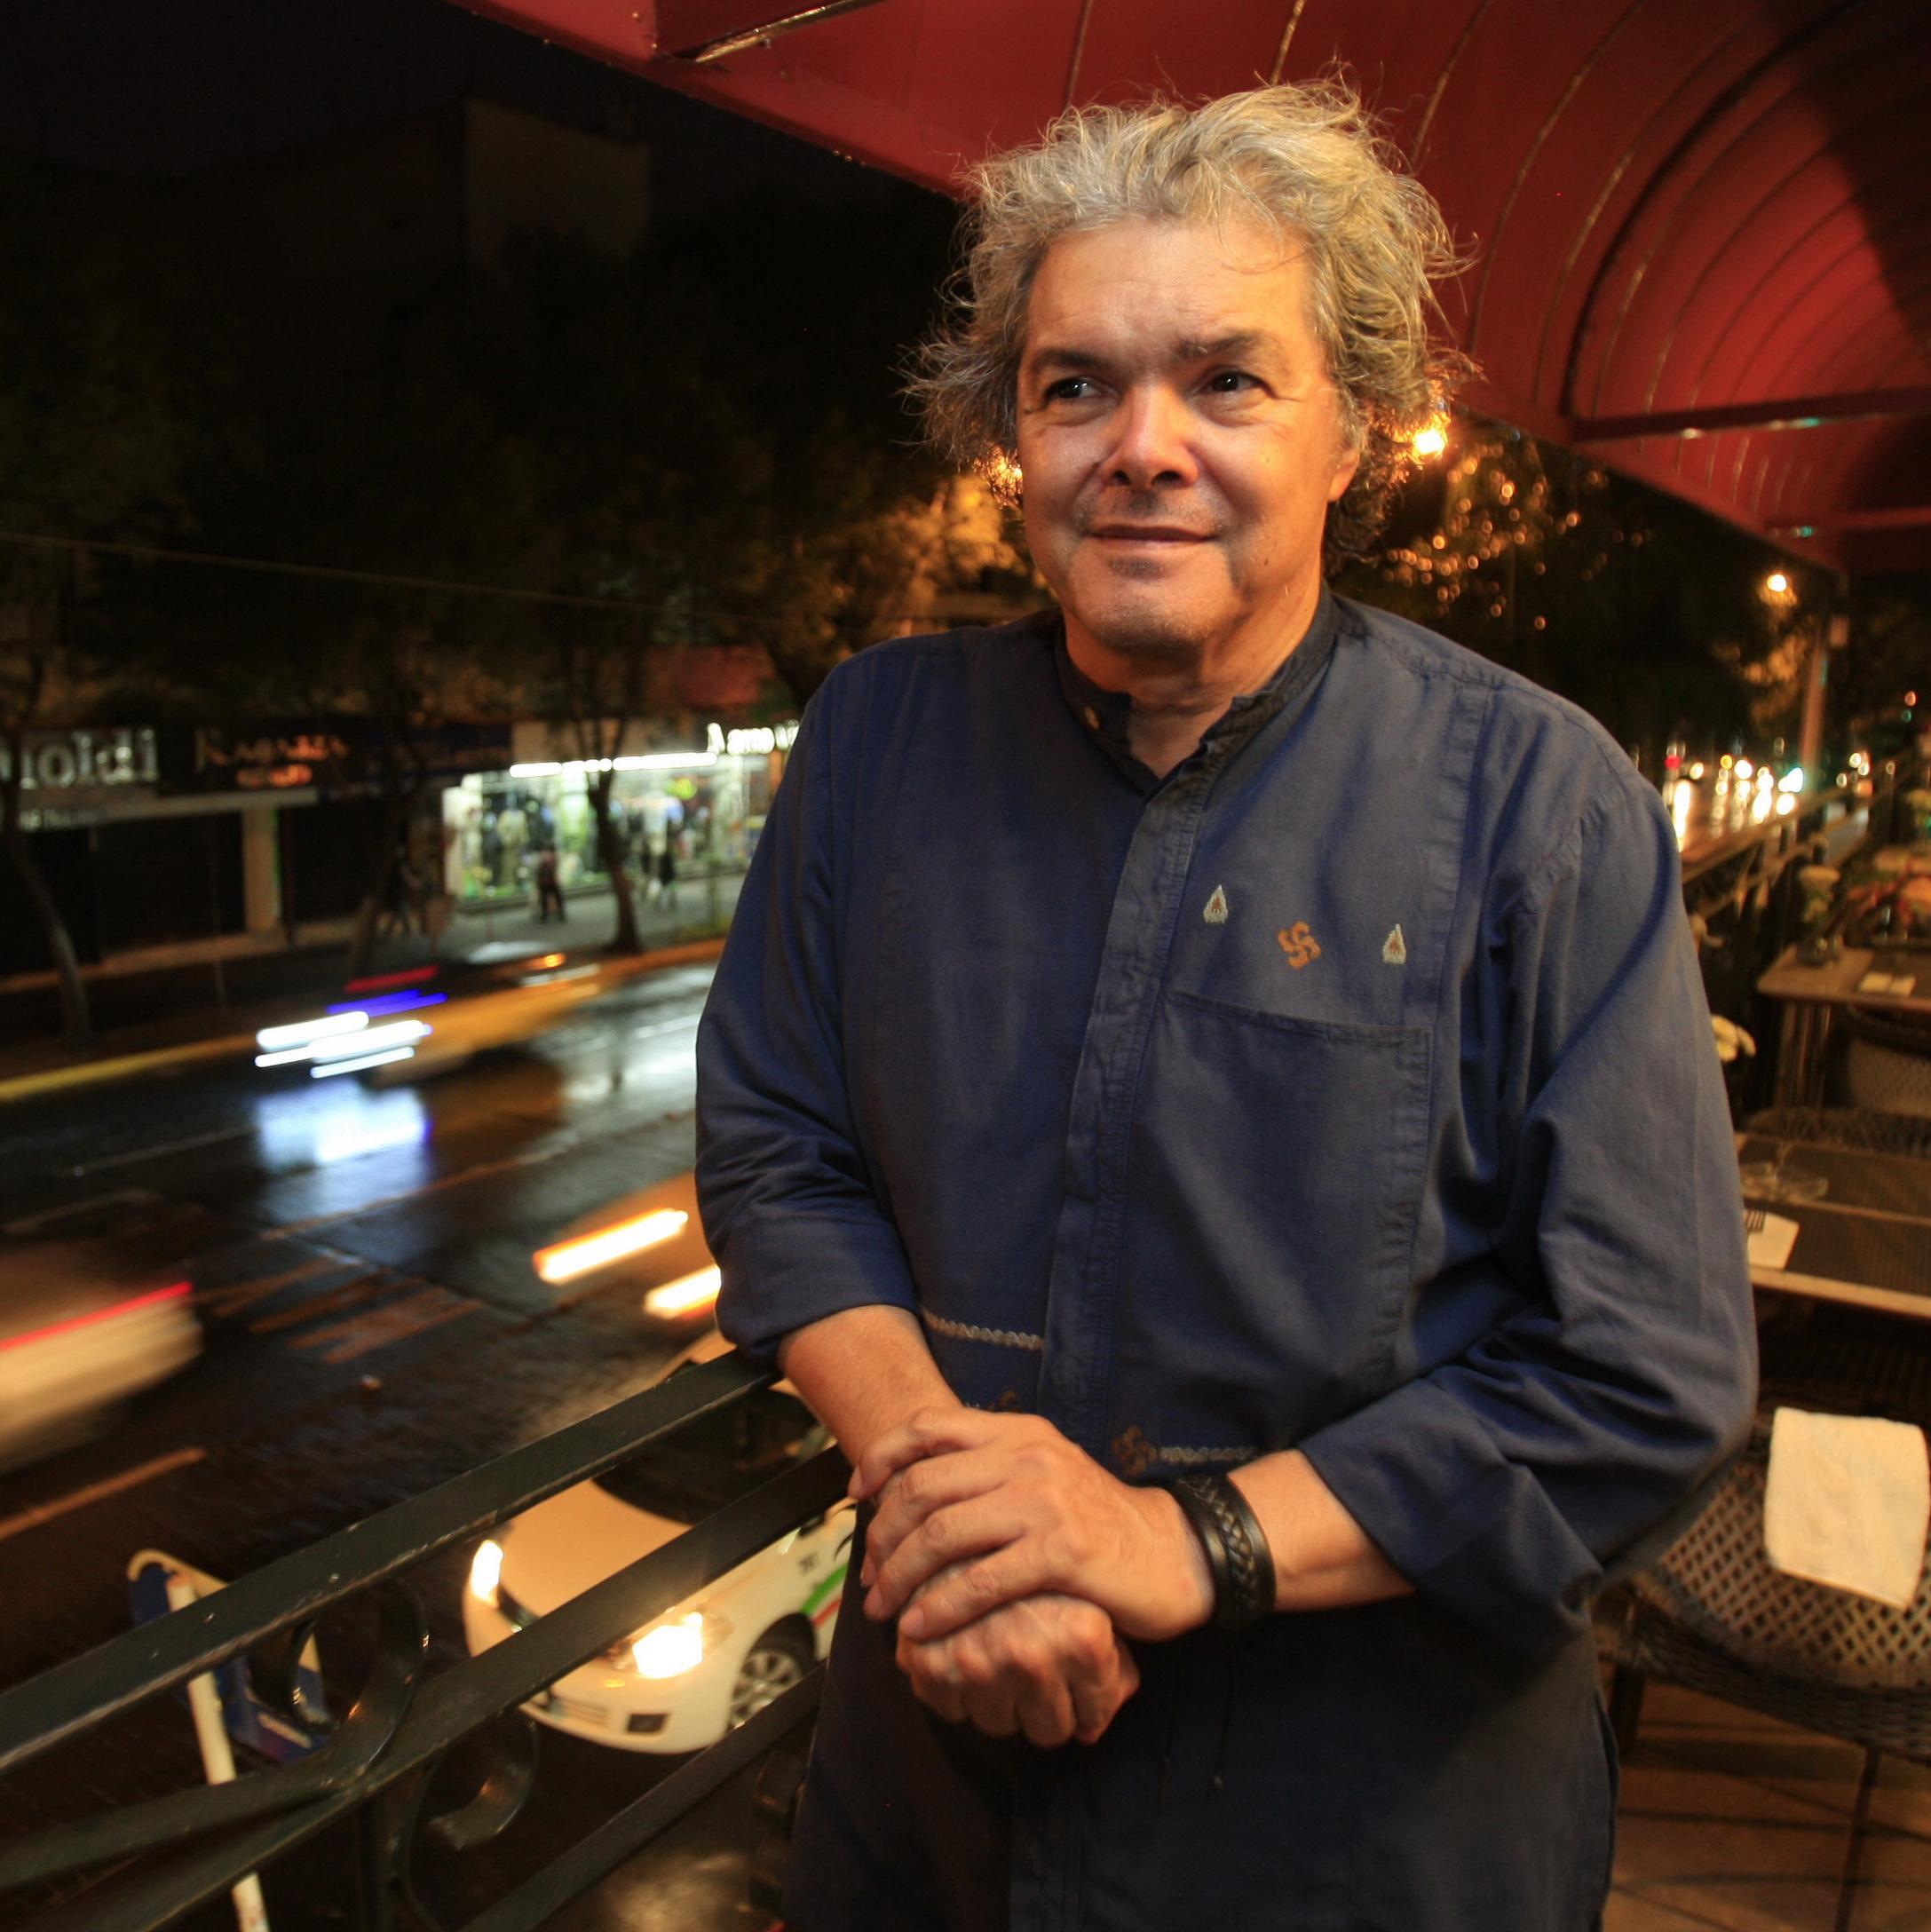 Guadalajara Jalisco. 25 05 2012. Entrevista para la Jornada Jalisco con el musico Arturo Marquez . foto: Hector Jesus Hernandez